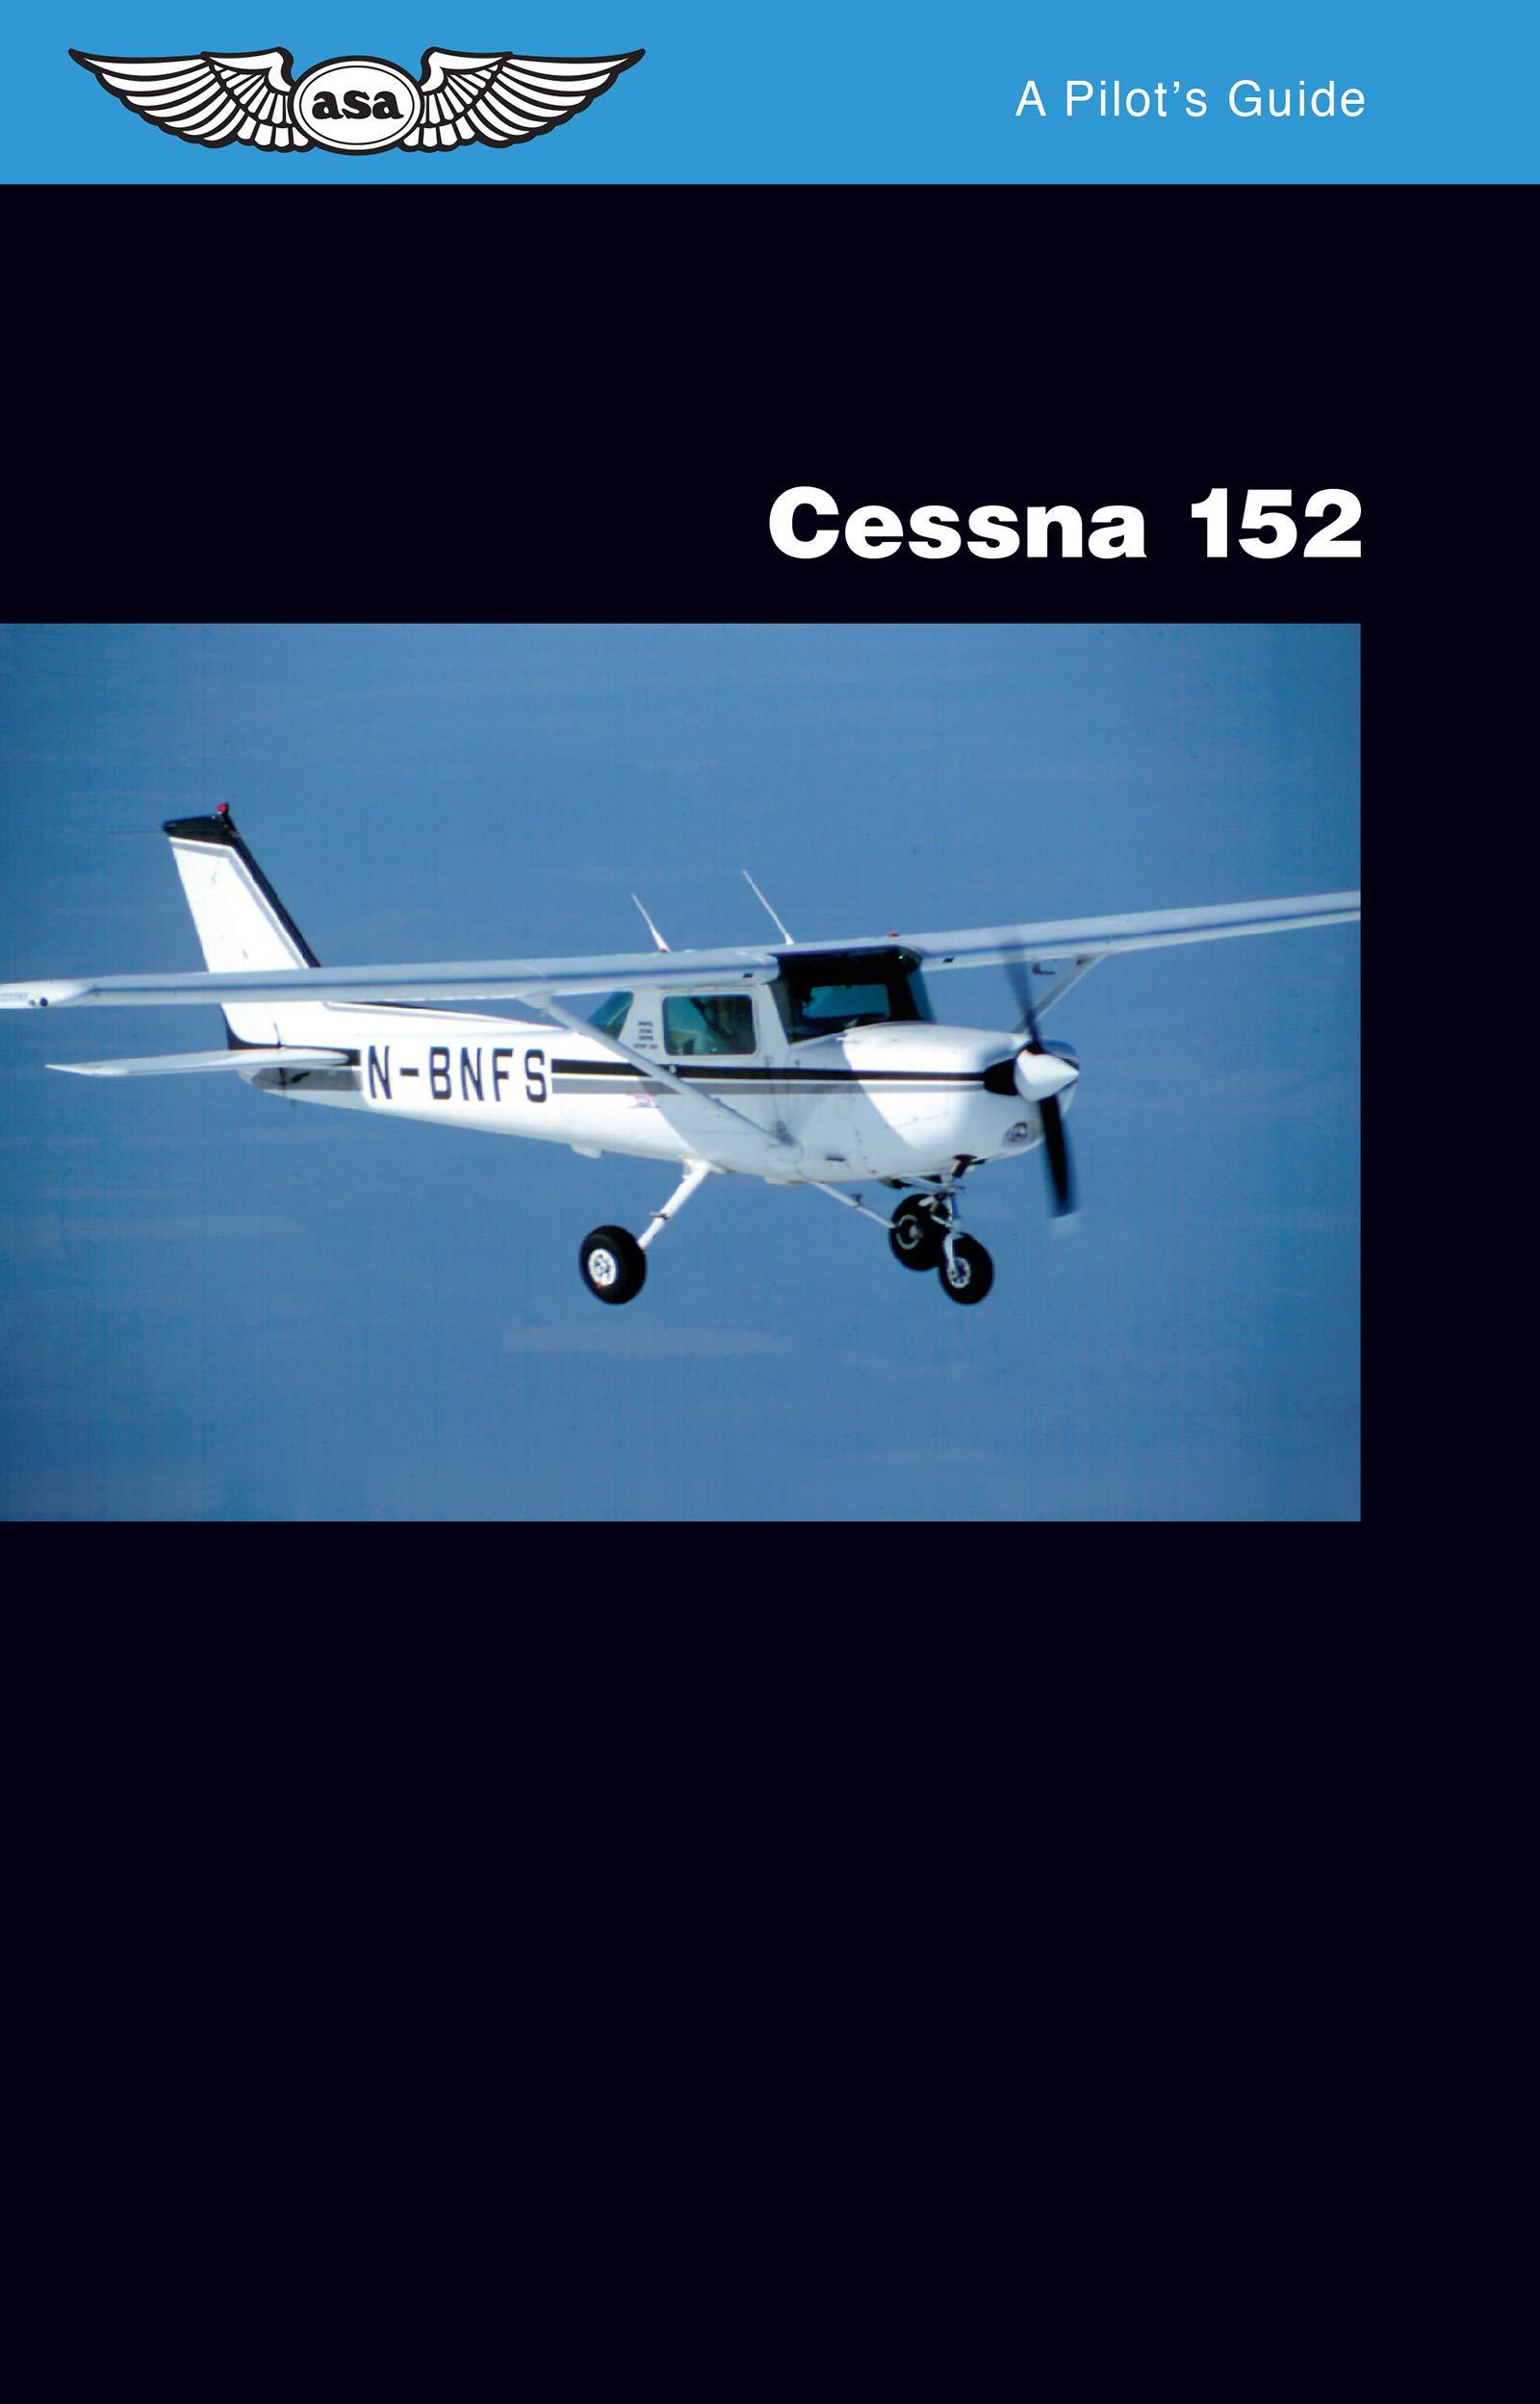 Cessna 152: A Pilots Guide: Amazon.es: Pratt, Jeremy M.: Libros en idiomas extranjeros